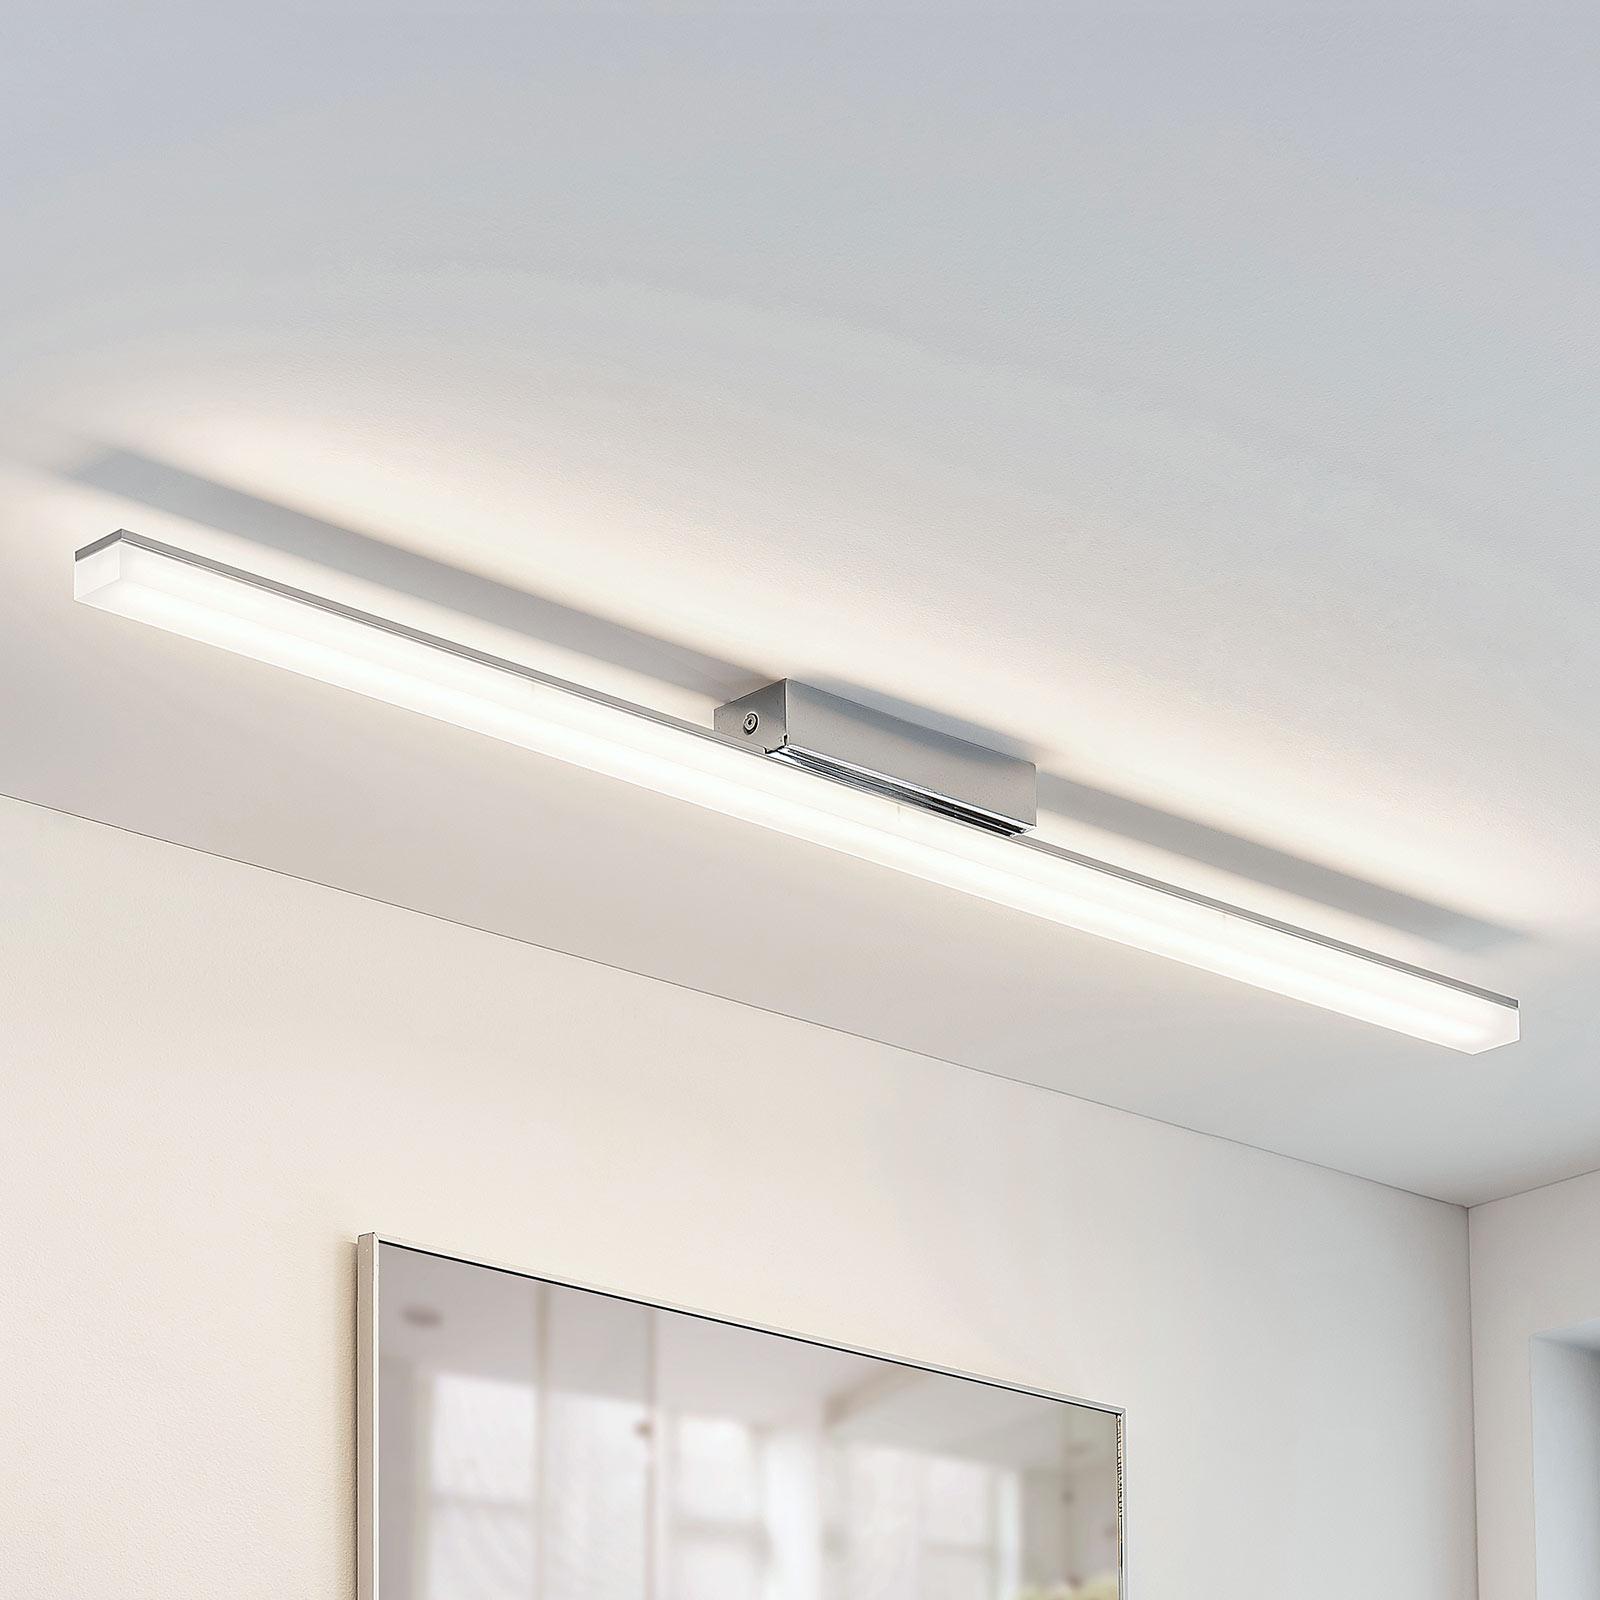 Levke - LED plafondlamp voor in de badkamer